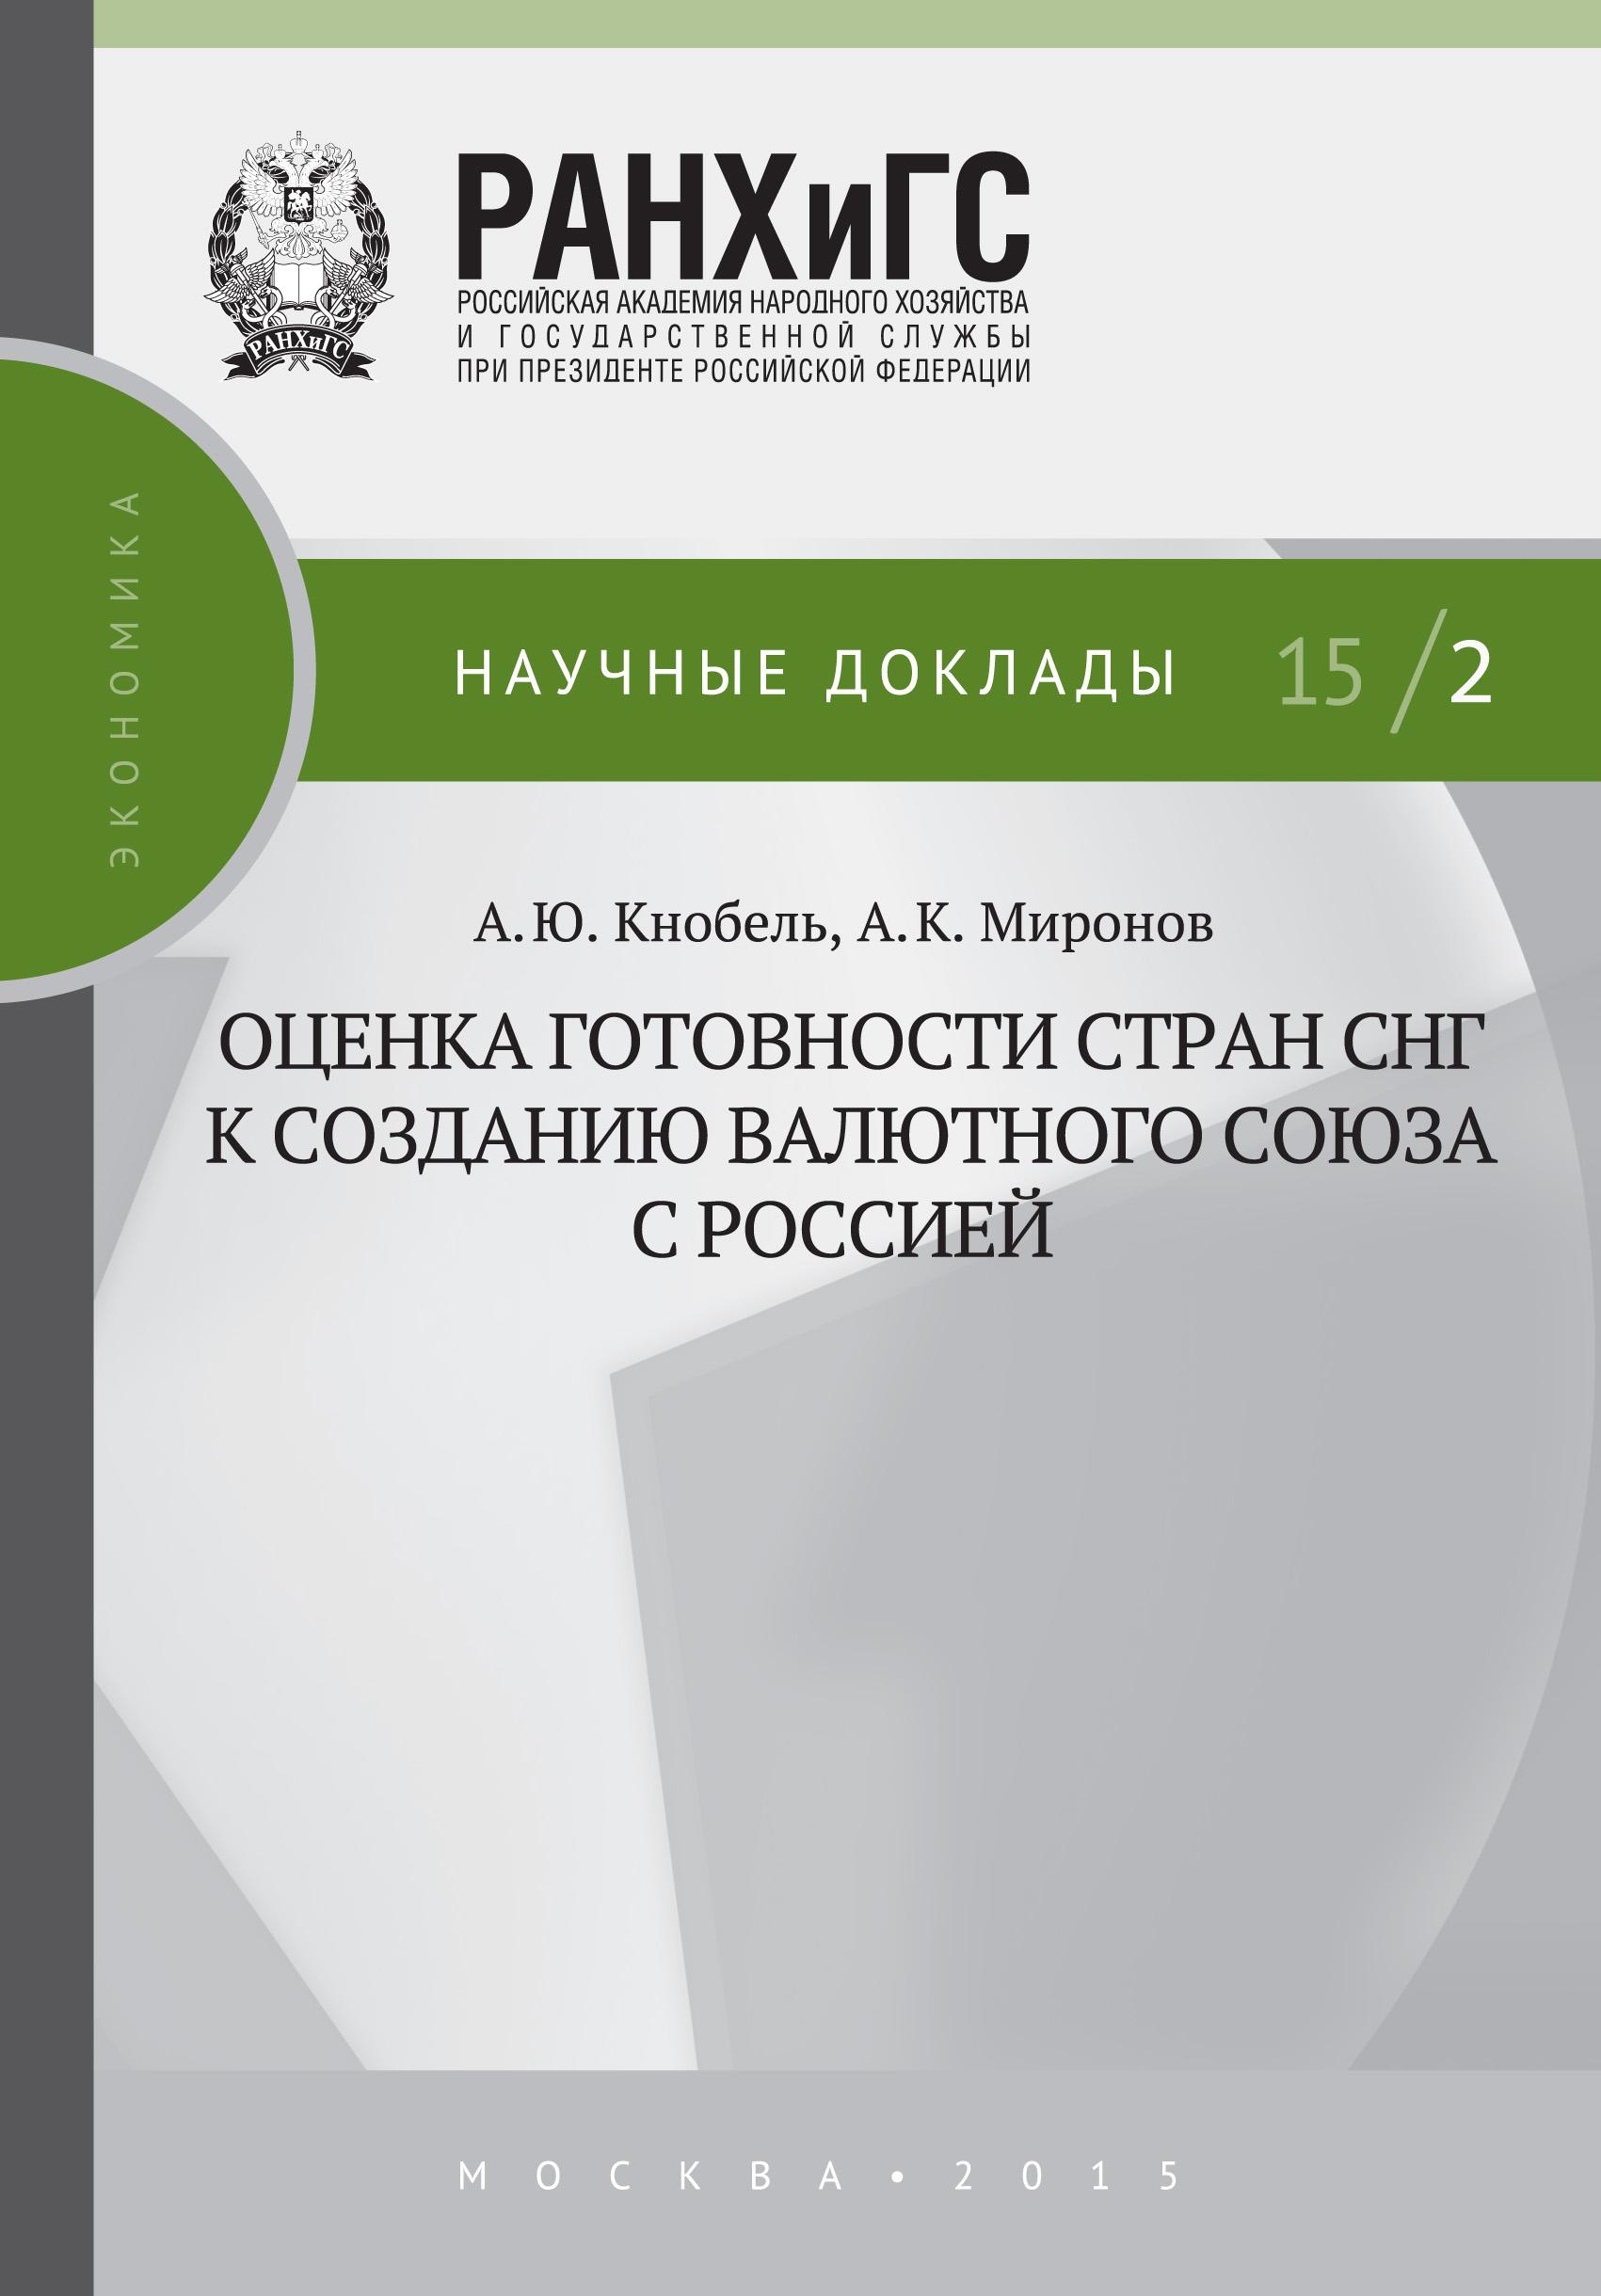 фото обложки издания Оценка готовности стран СНГ к созданию валютного союза с Россией